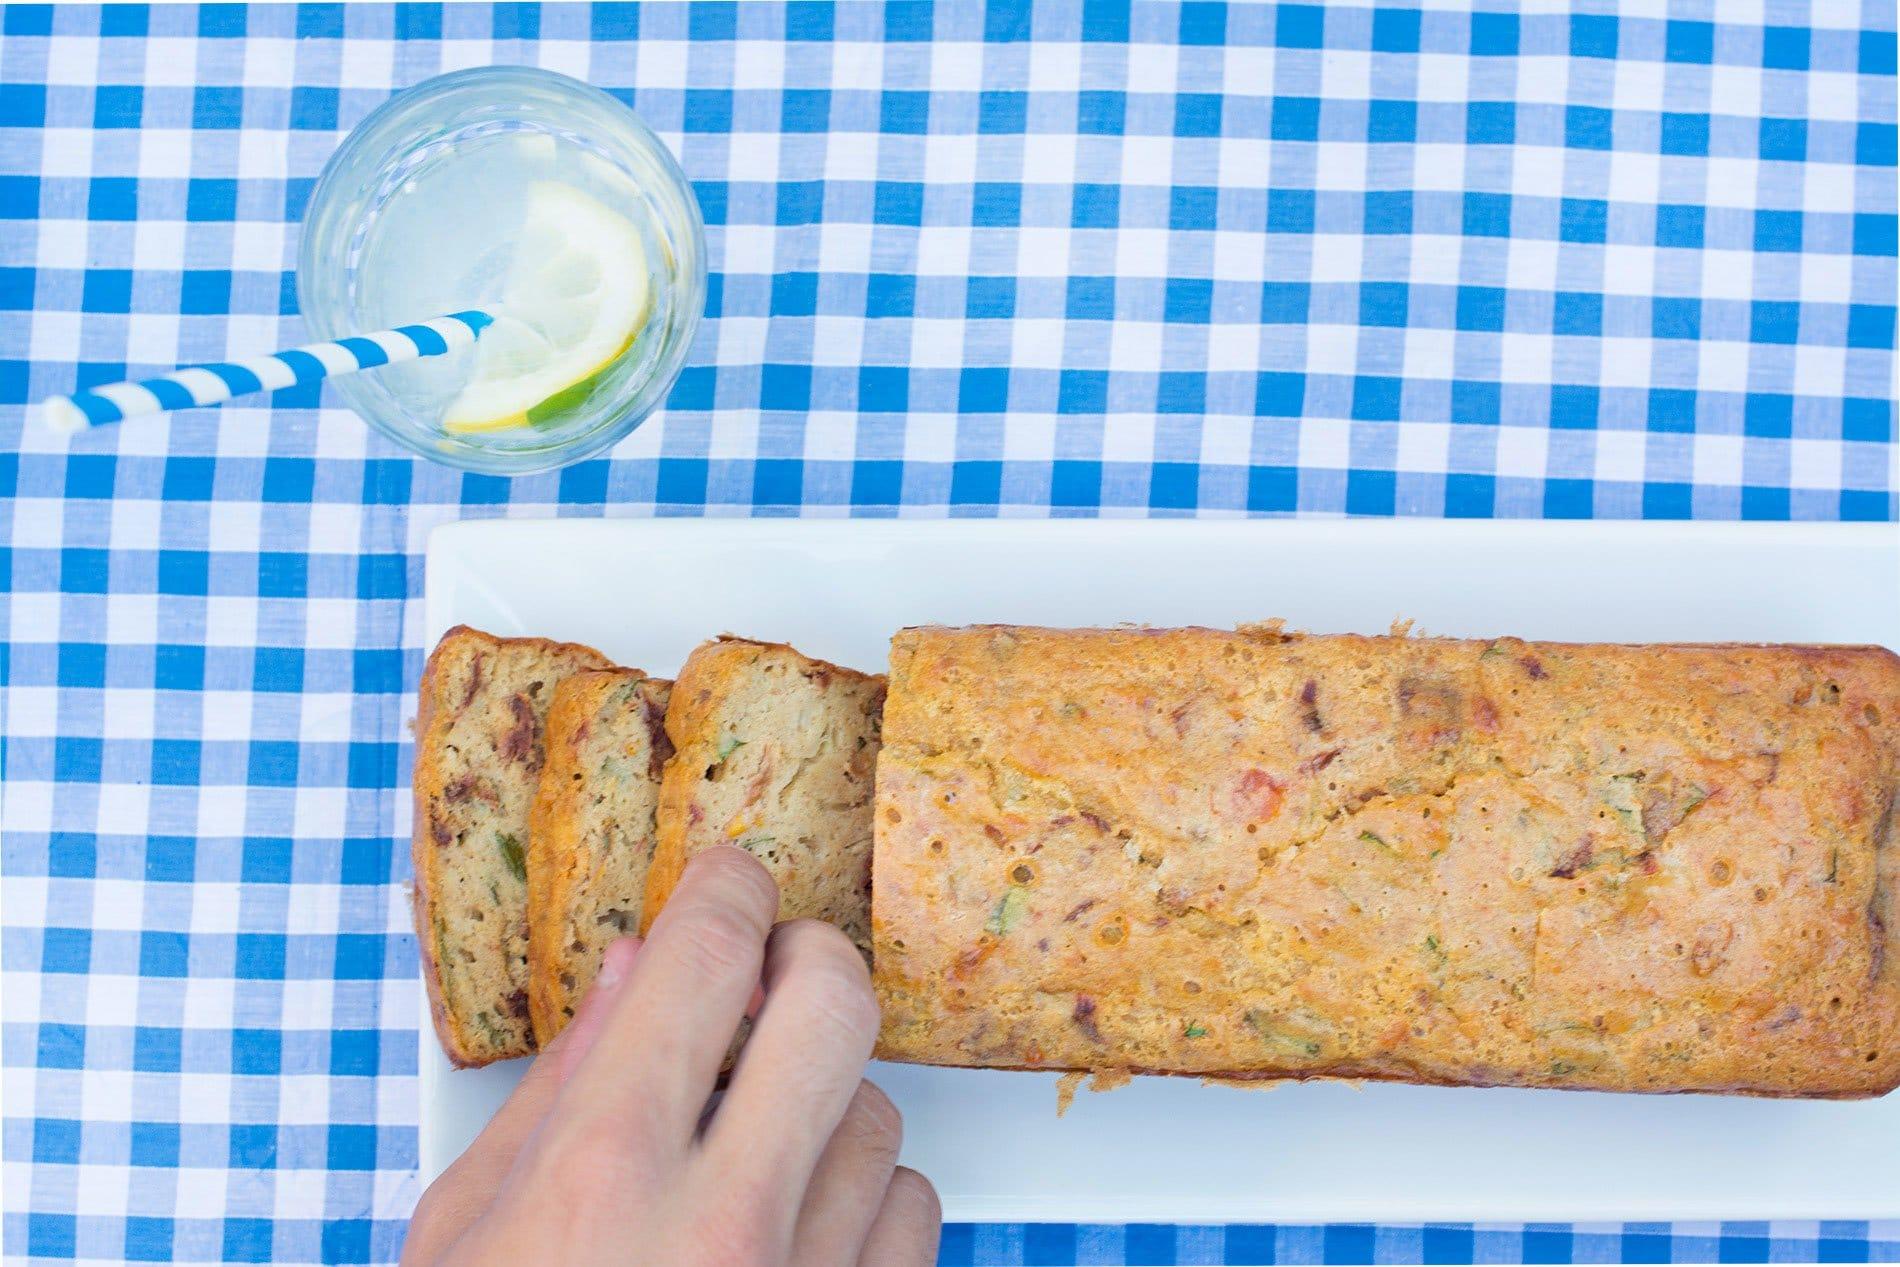 Ma recette de cake sans gluten et sans lait de vache aux tomates séchées, mozzarelle di Bufala et basilic frais - 22 v'la Scarlett